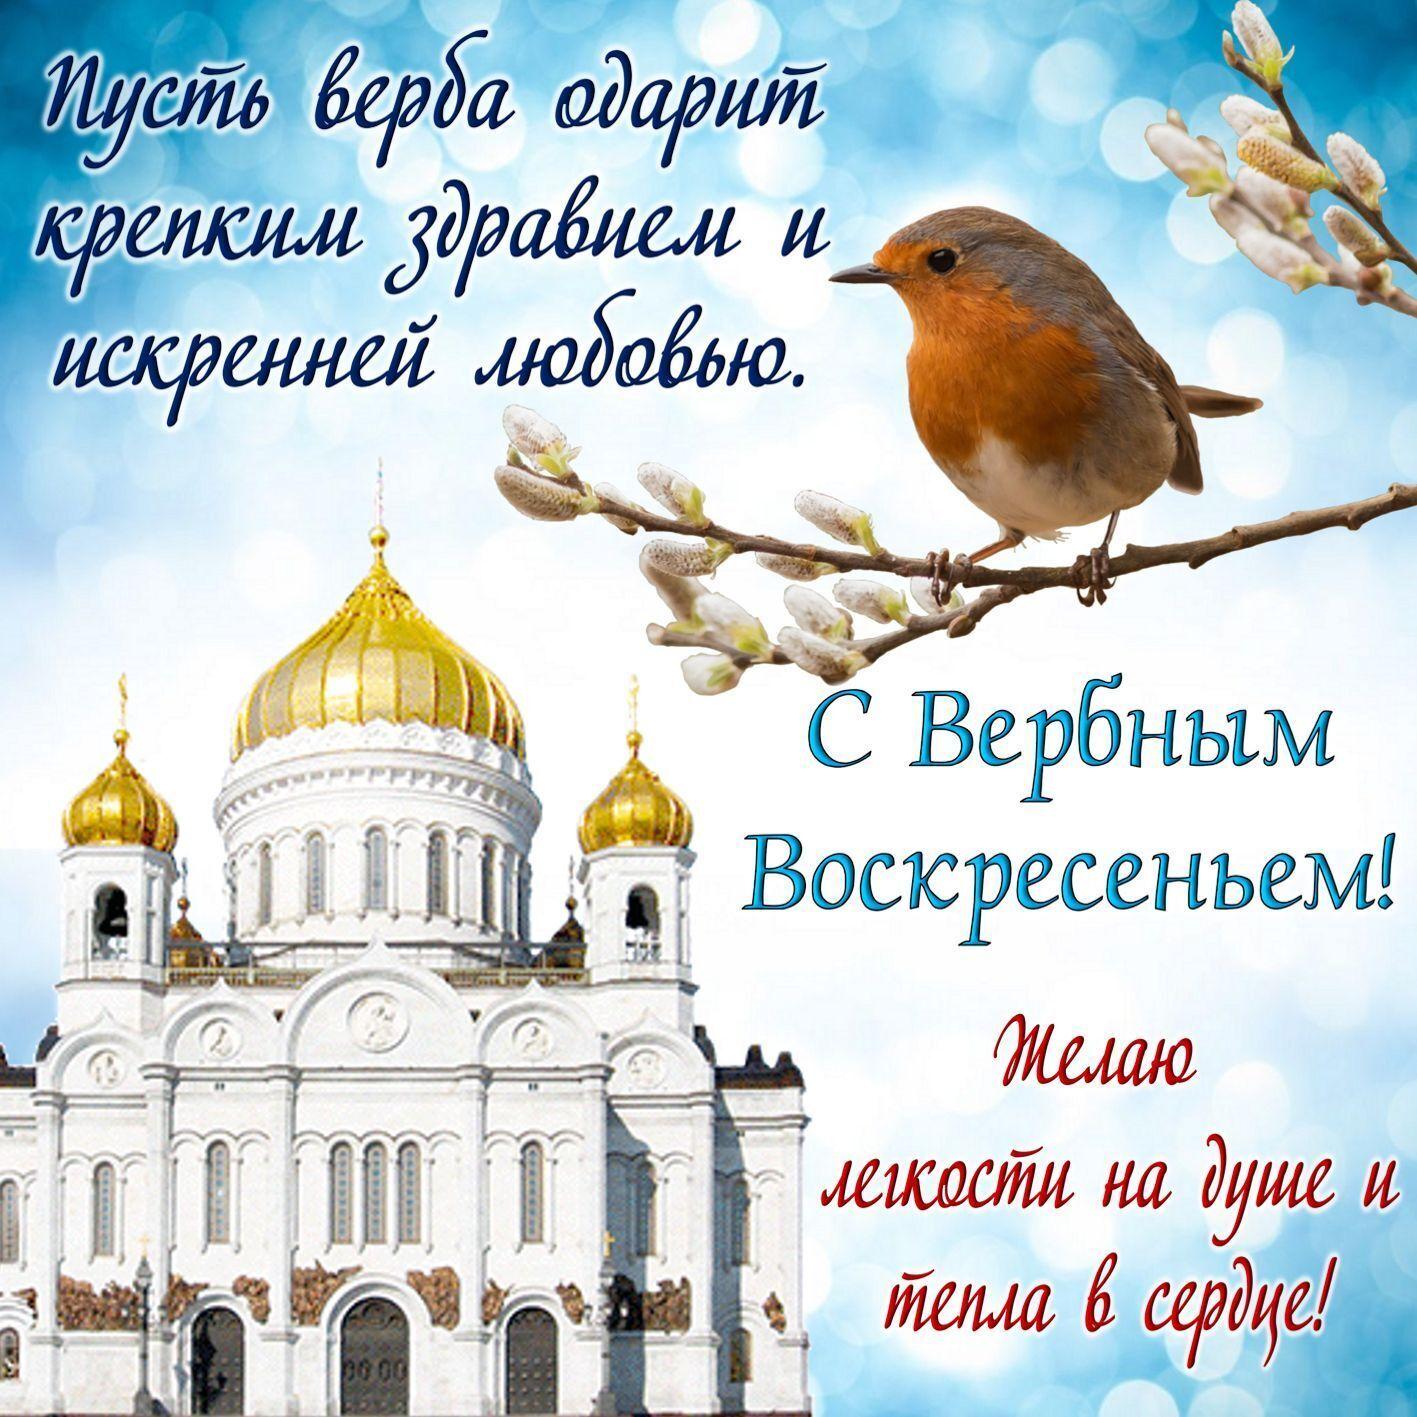 Открытка в Вербное воскресенье